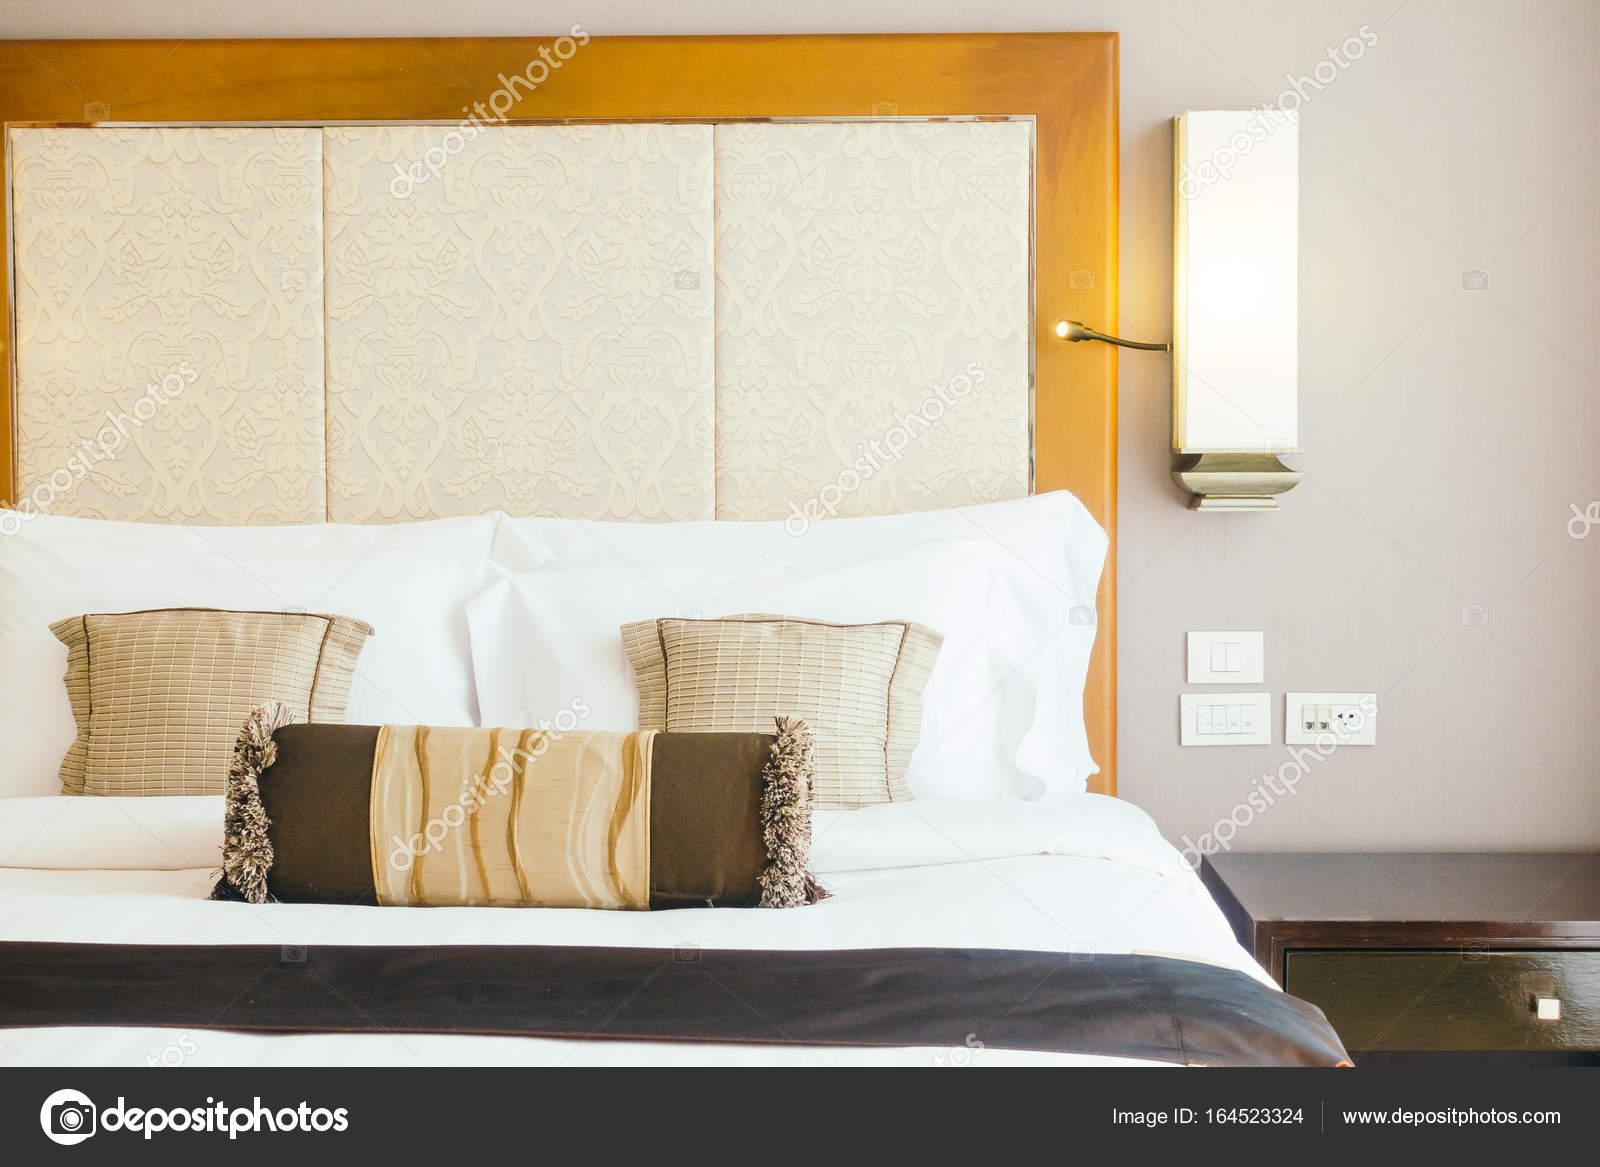 Cuscini sul letto decorazione interiore della camera da letto — Foto ...